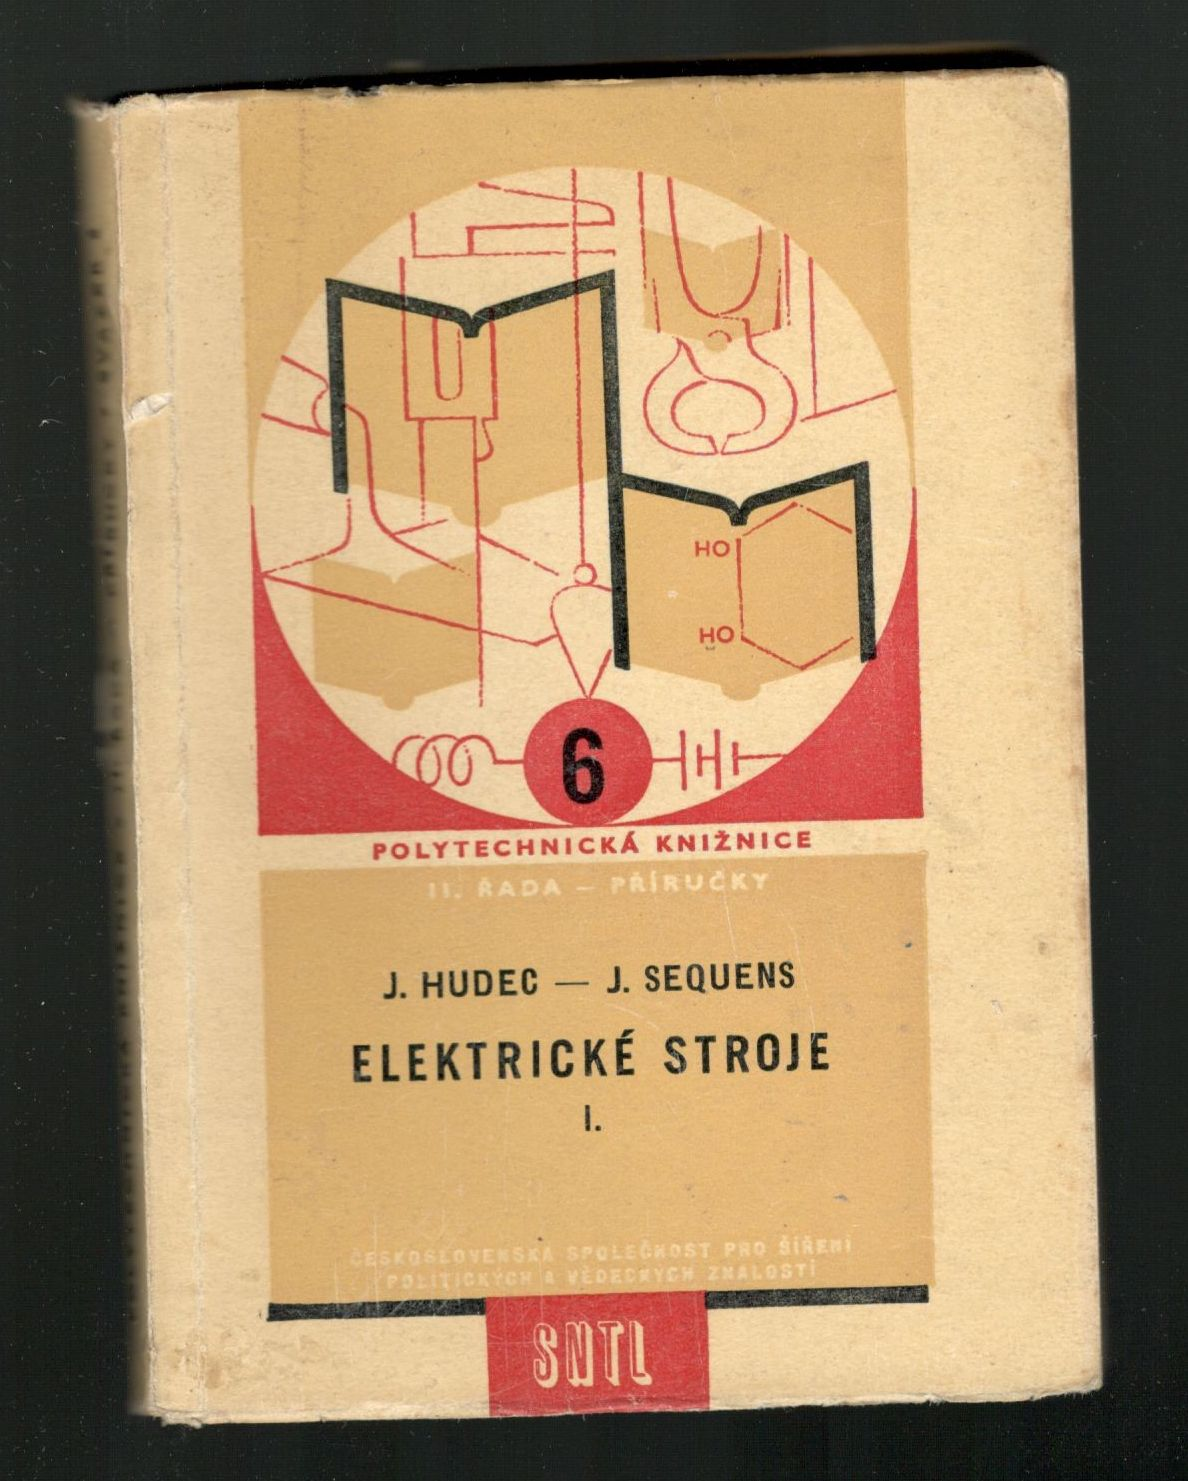 Elektrické stroje I. - J. Hudec, J. Sequens